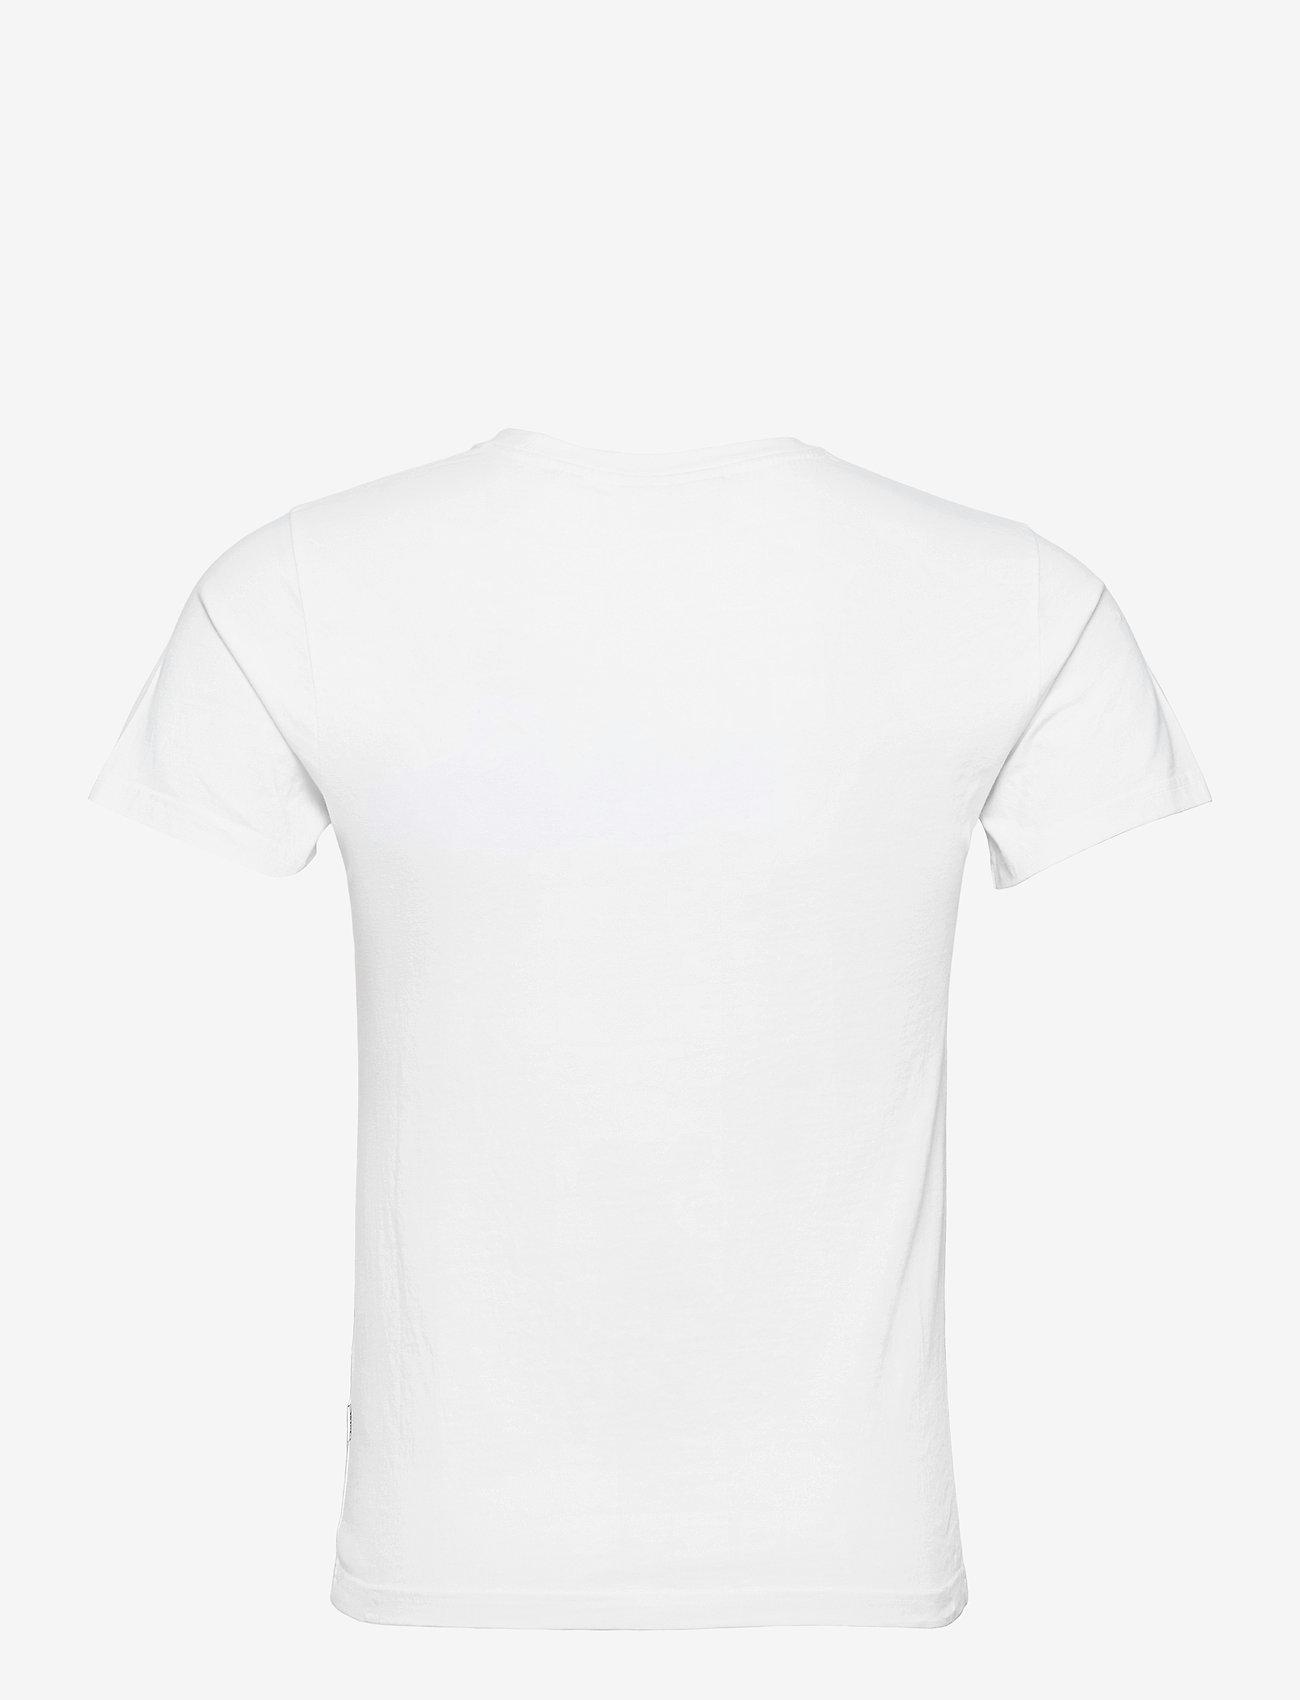 Forét - PERCH T-SHIRT - korte mouwen - white - 1